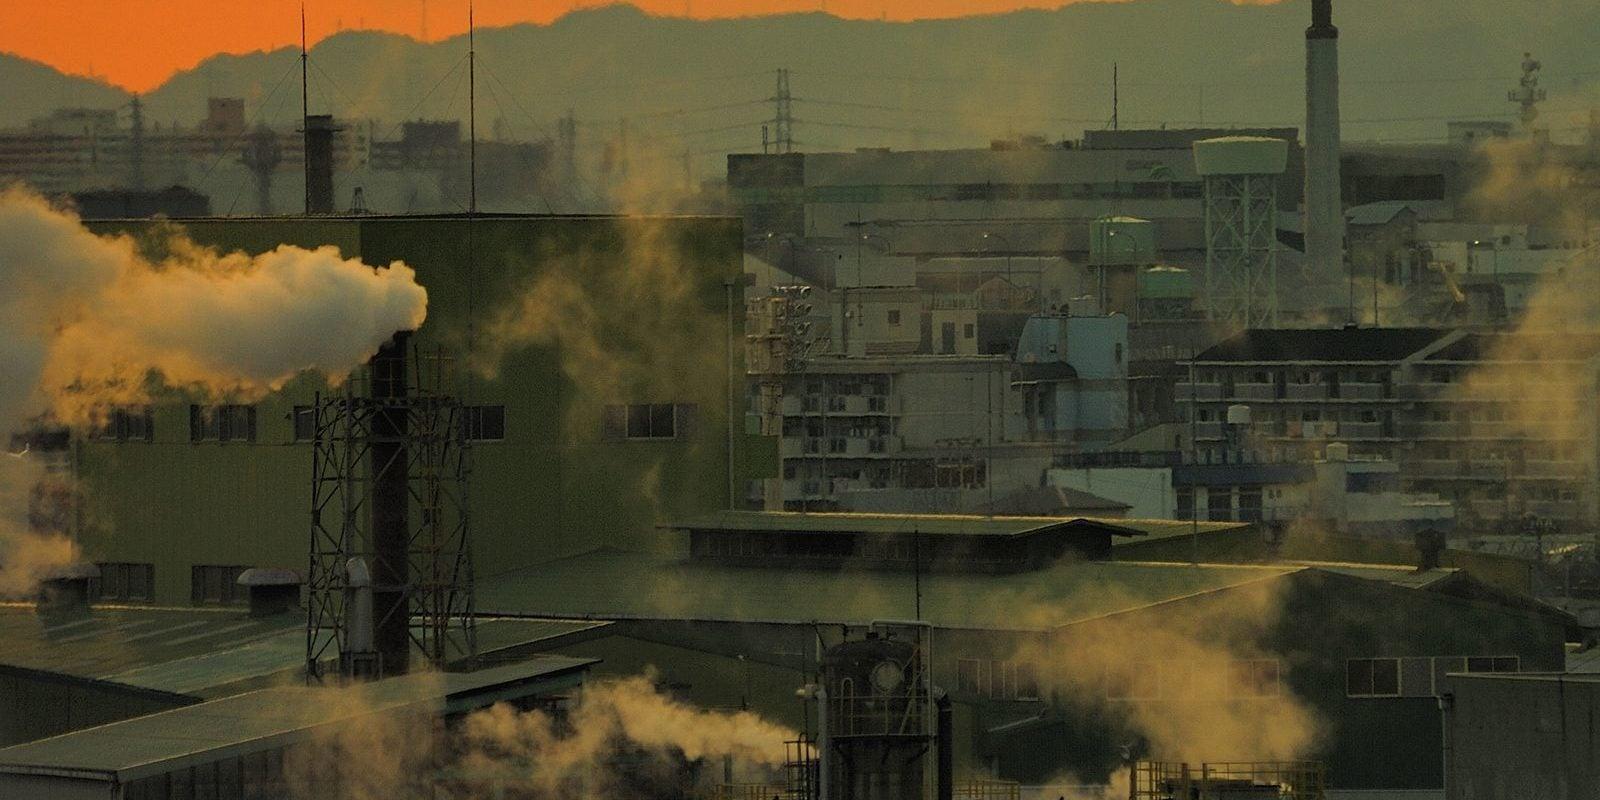 En deux ans, la pollution à Strasbourg a un peu diminué, mais reste élevée